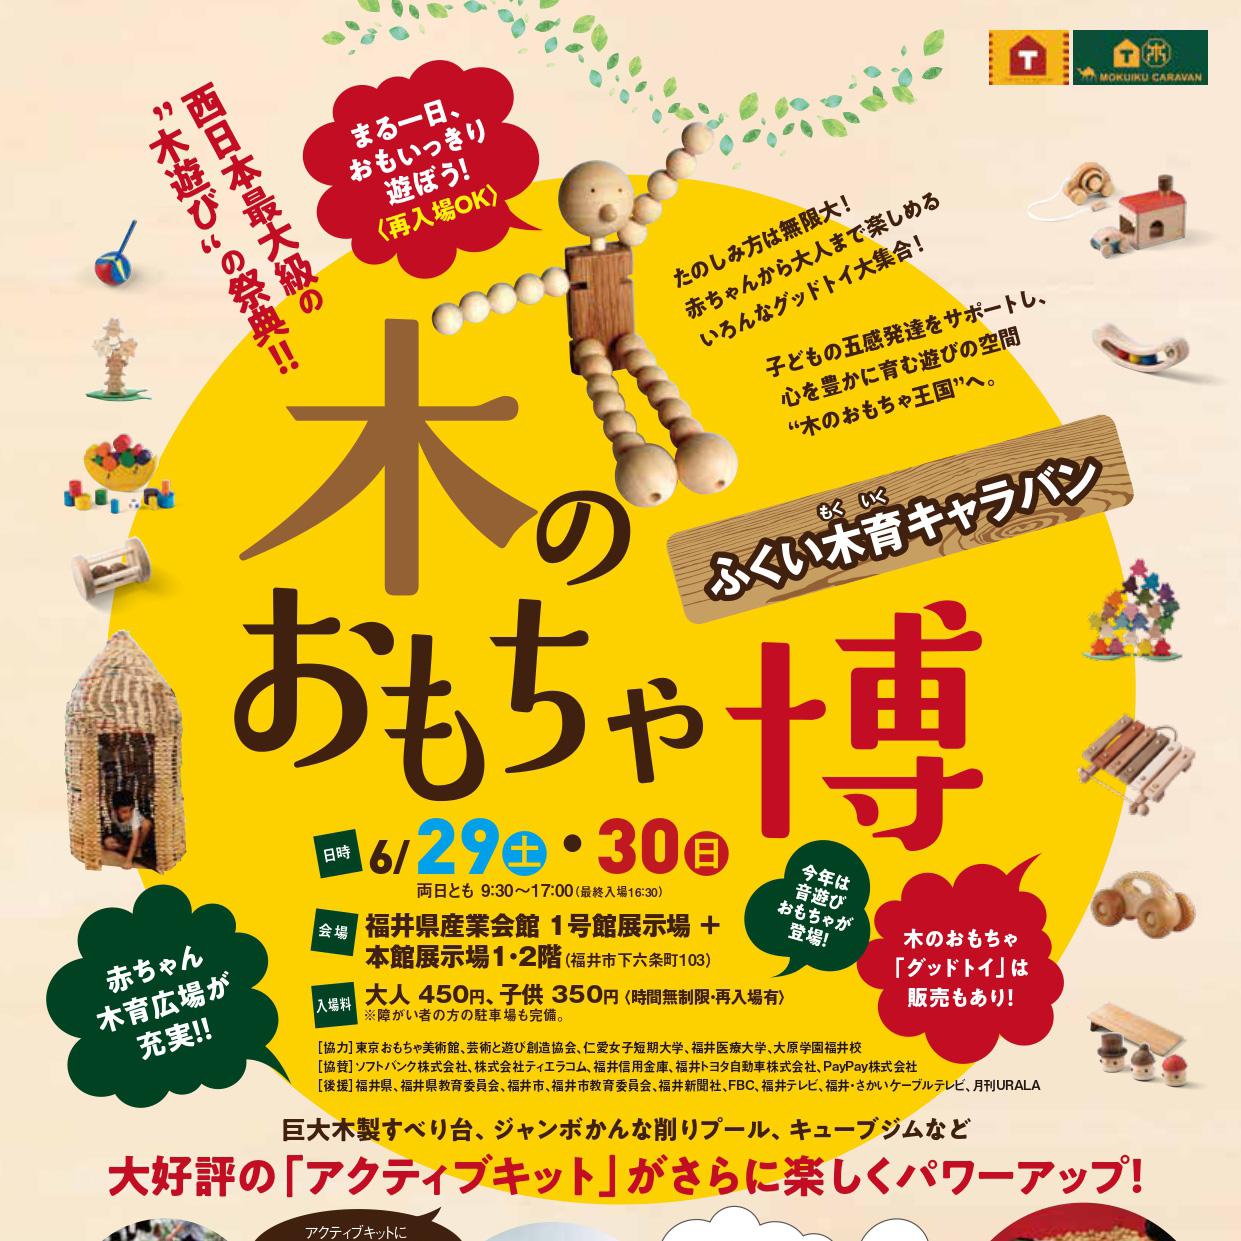 西日本最大級の木遊び体験イベント「木のおもちゃ博」のポスター。